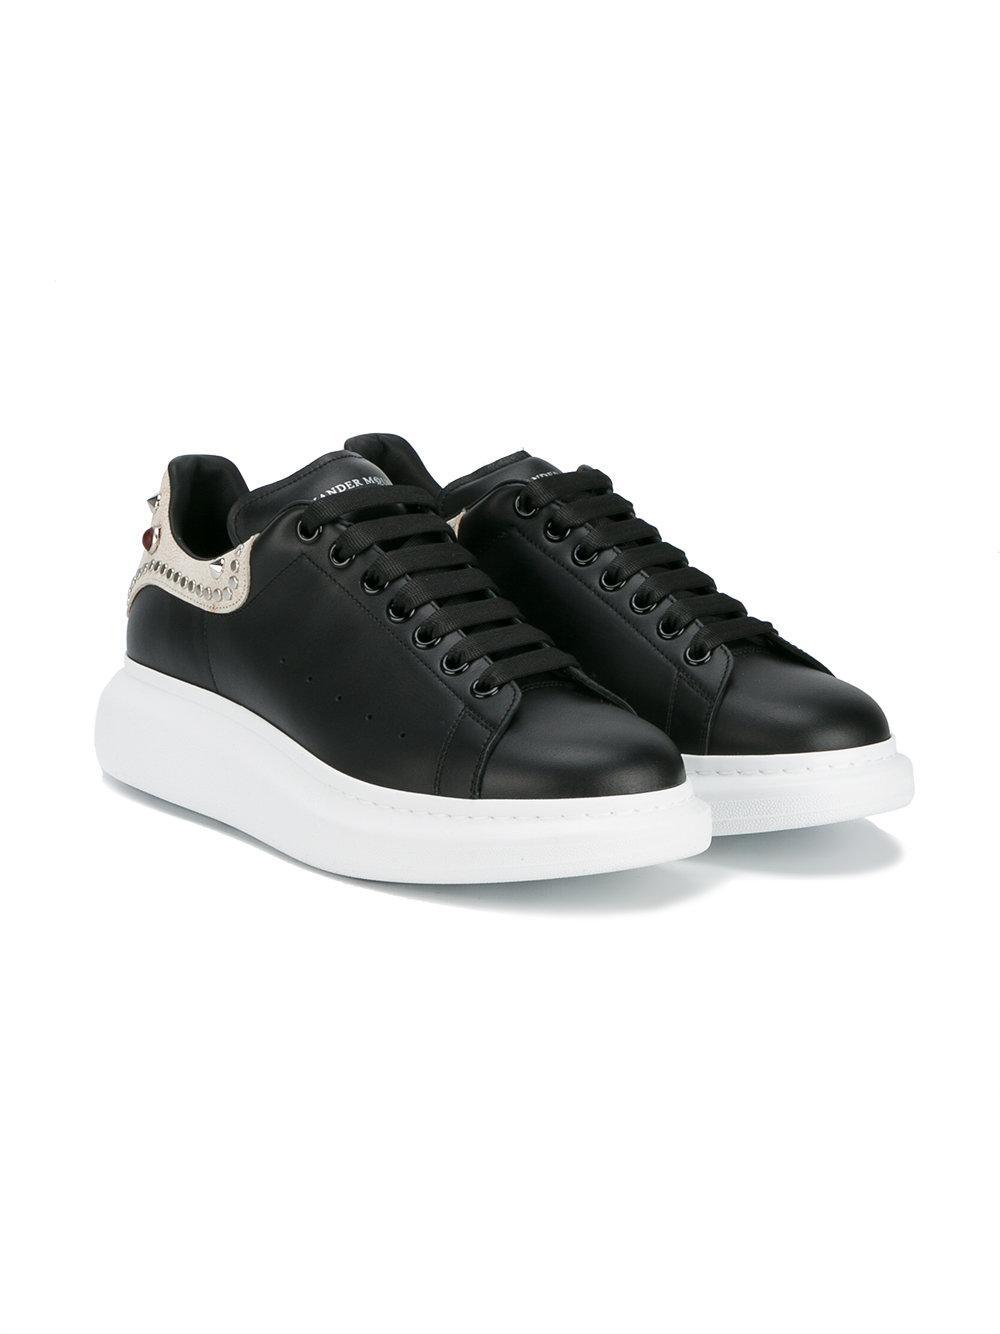 Alexander Mcqueen Embellished Oversized Sneakers In Black